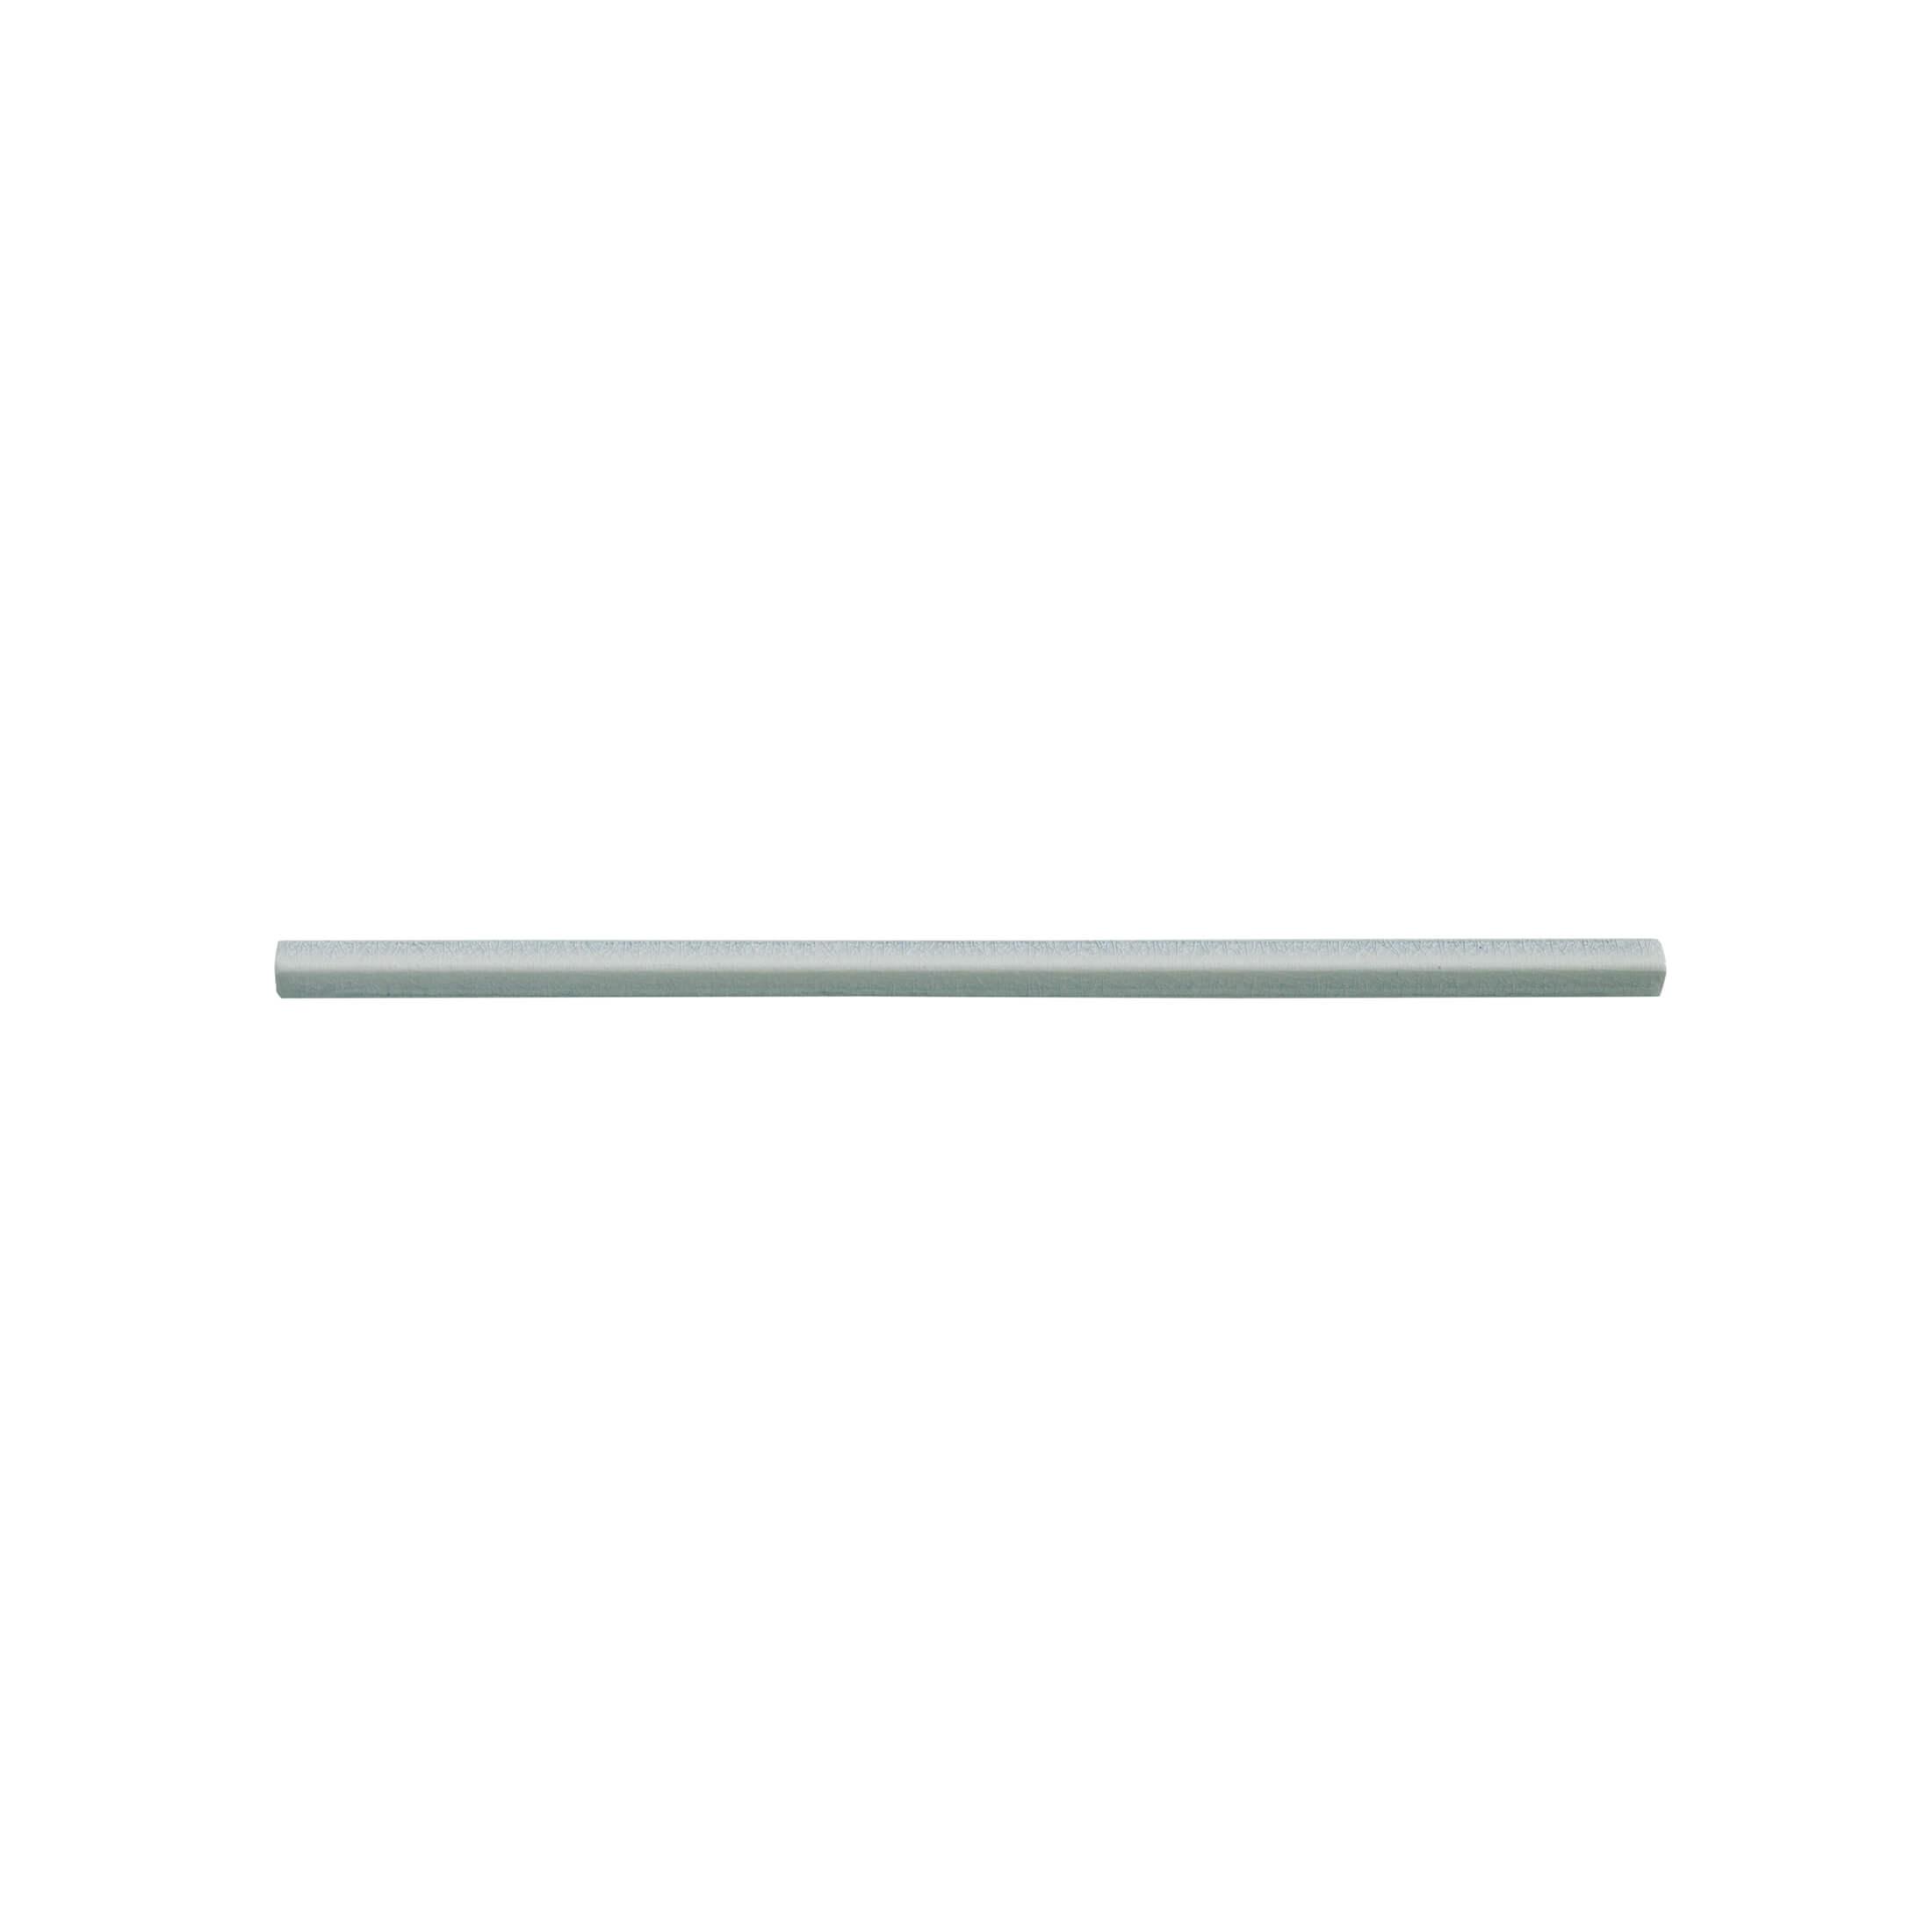 ADOC5092 - BULLNOSE TRIM - 0.85 cm X 22.5 cm